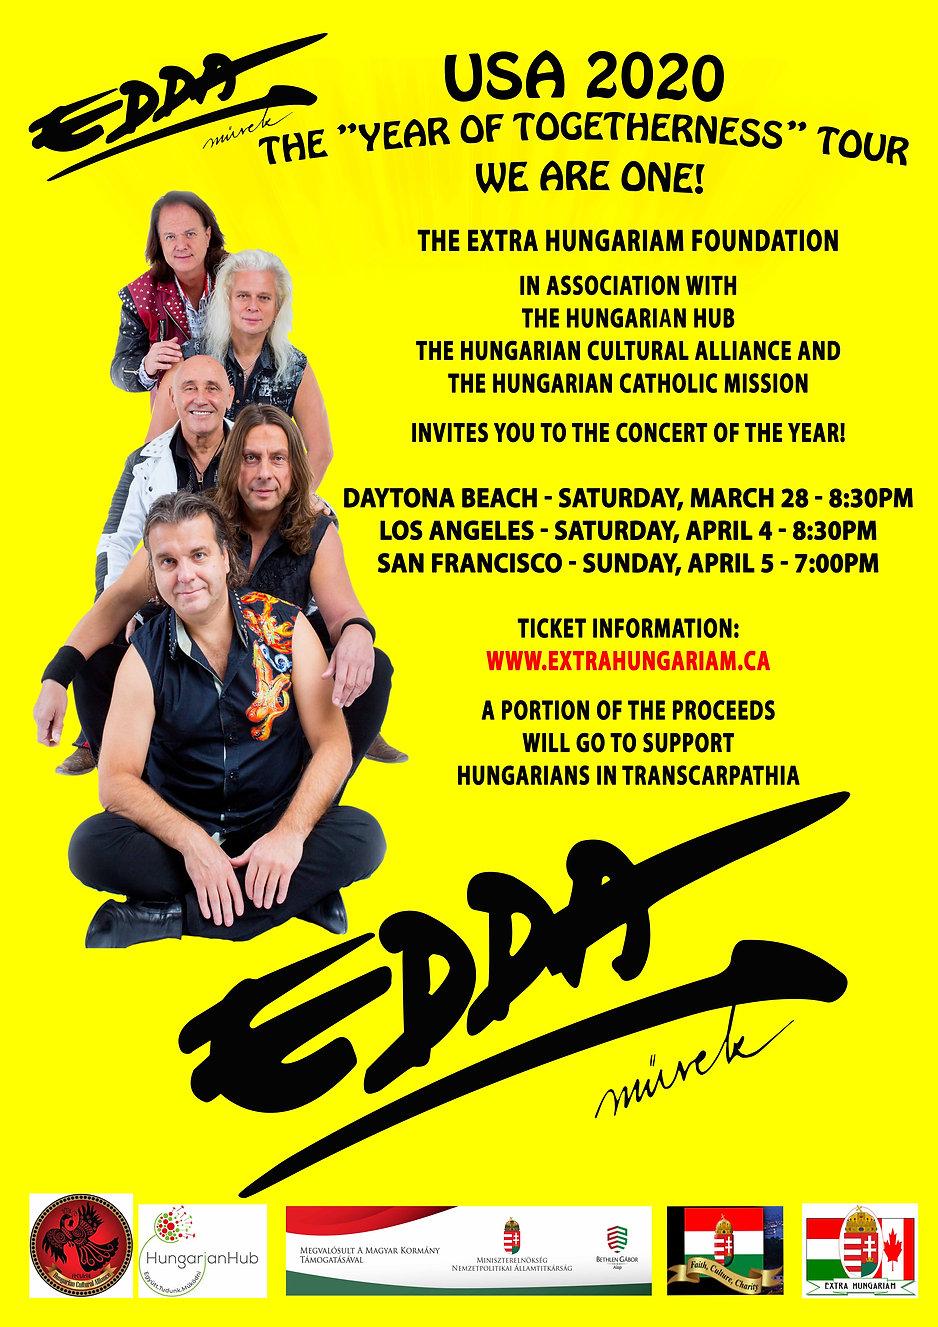 EDDA_USAA_2020_postertoprint_JOINT_ENG_0